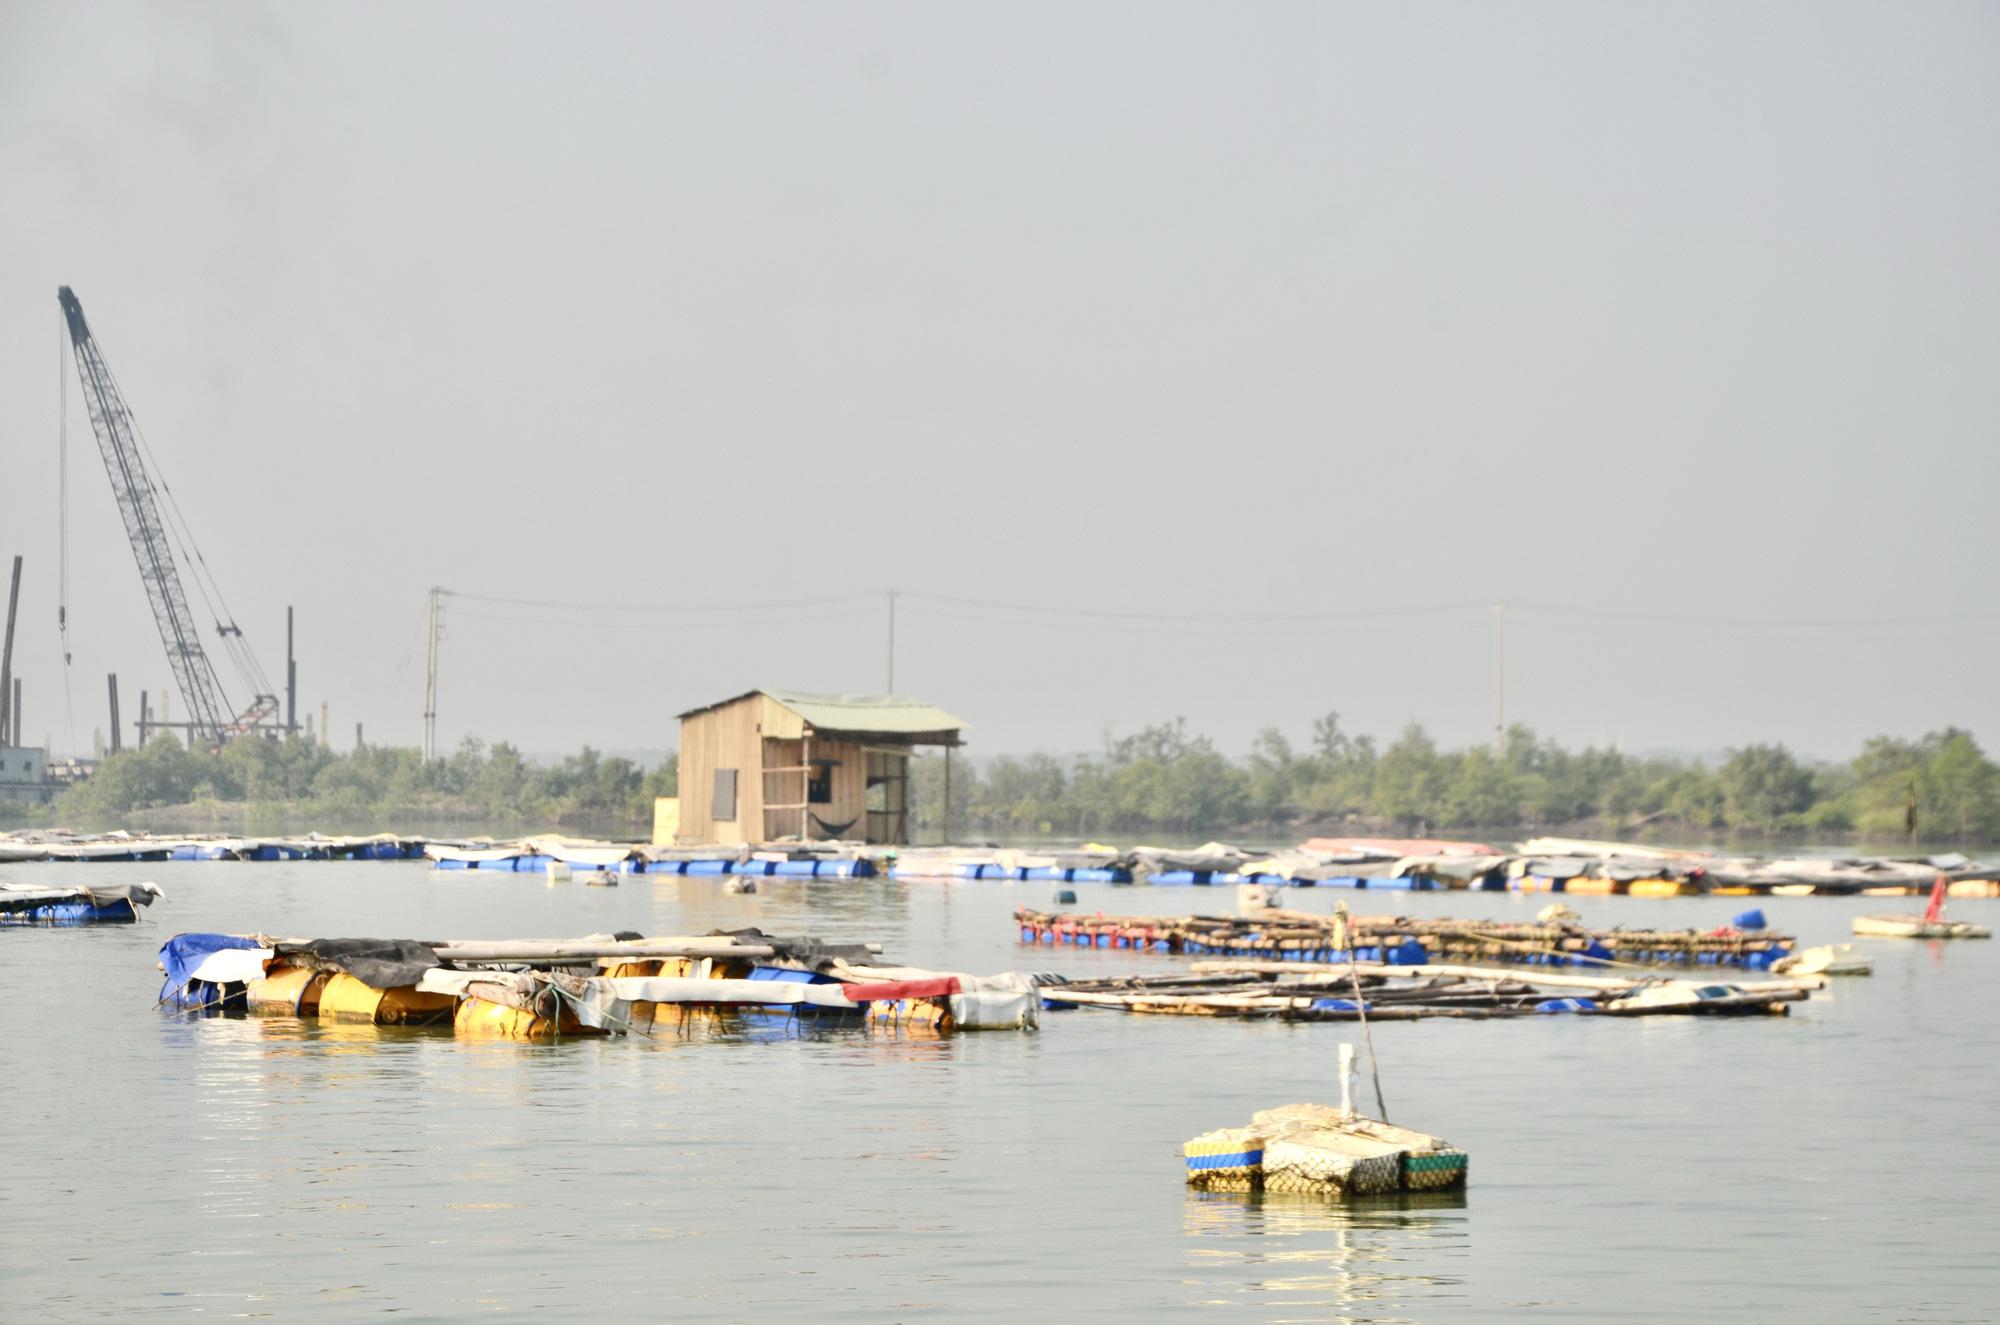 Bà Rịa-Vũng Tàu: Đáng mừng, dân đã bắt được vô số cá tôm trên sông Thị Vải, kiếm 500.000 đồng mỗi ngày - Ảnh 1.